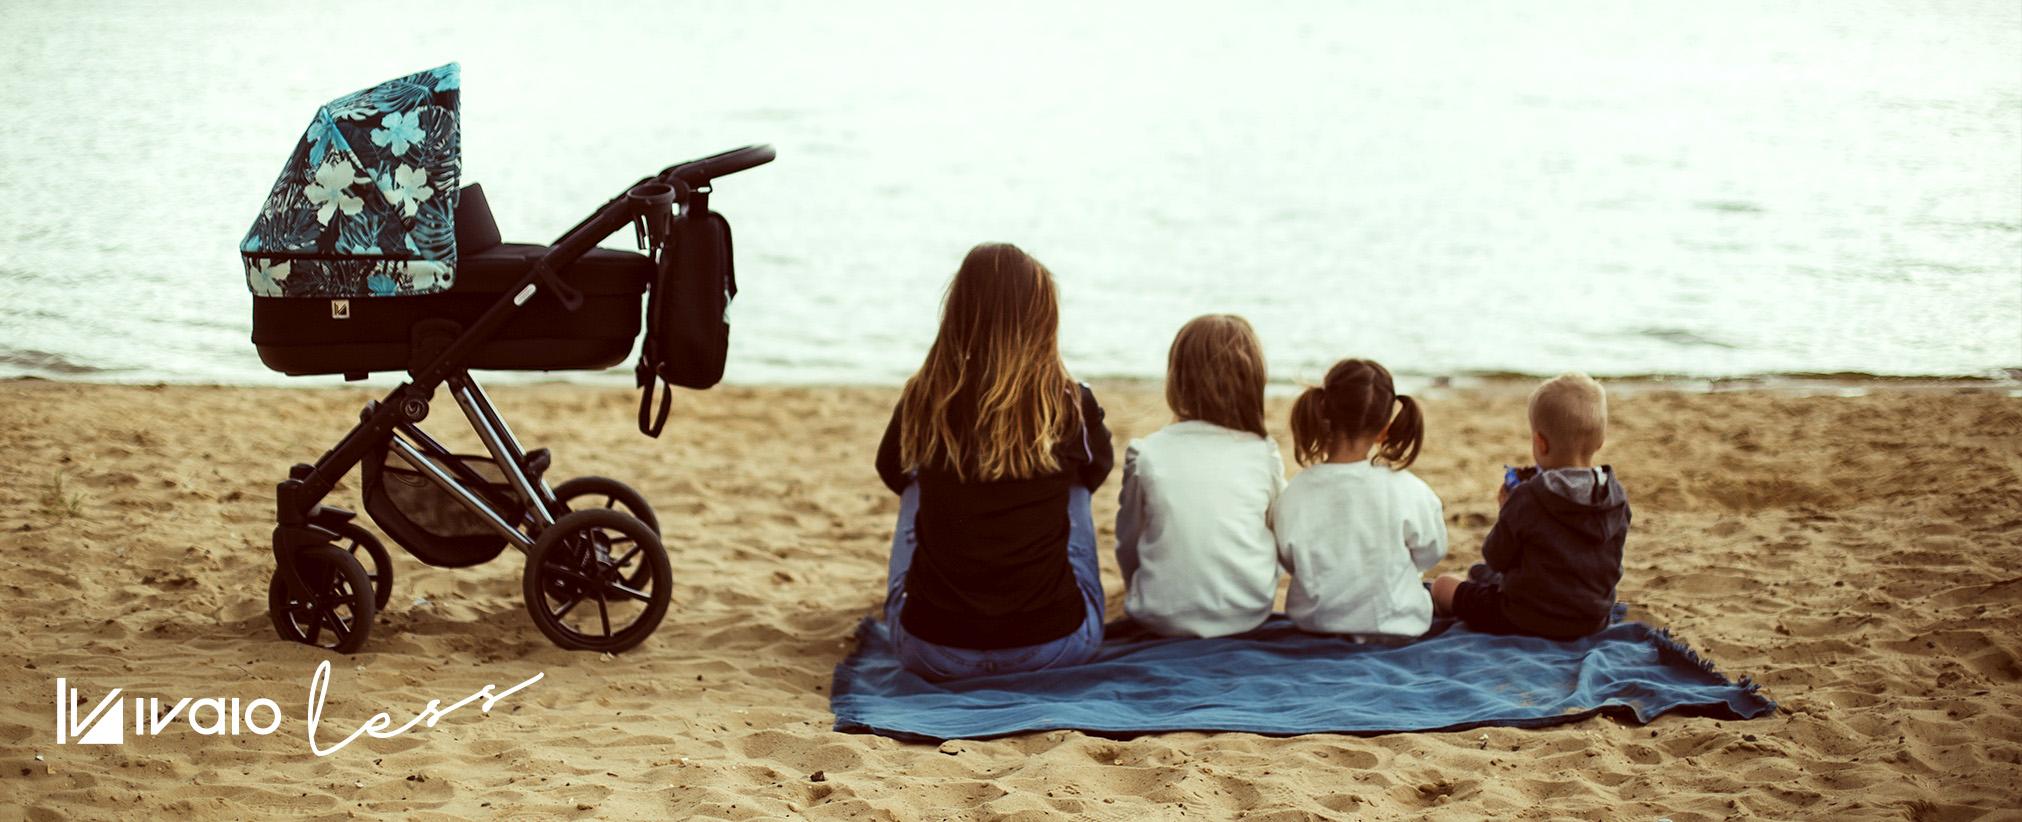 wózek dzieciecy Vivaio Less Milu Kids wielofunkcyjny Dadi Shop